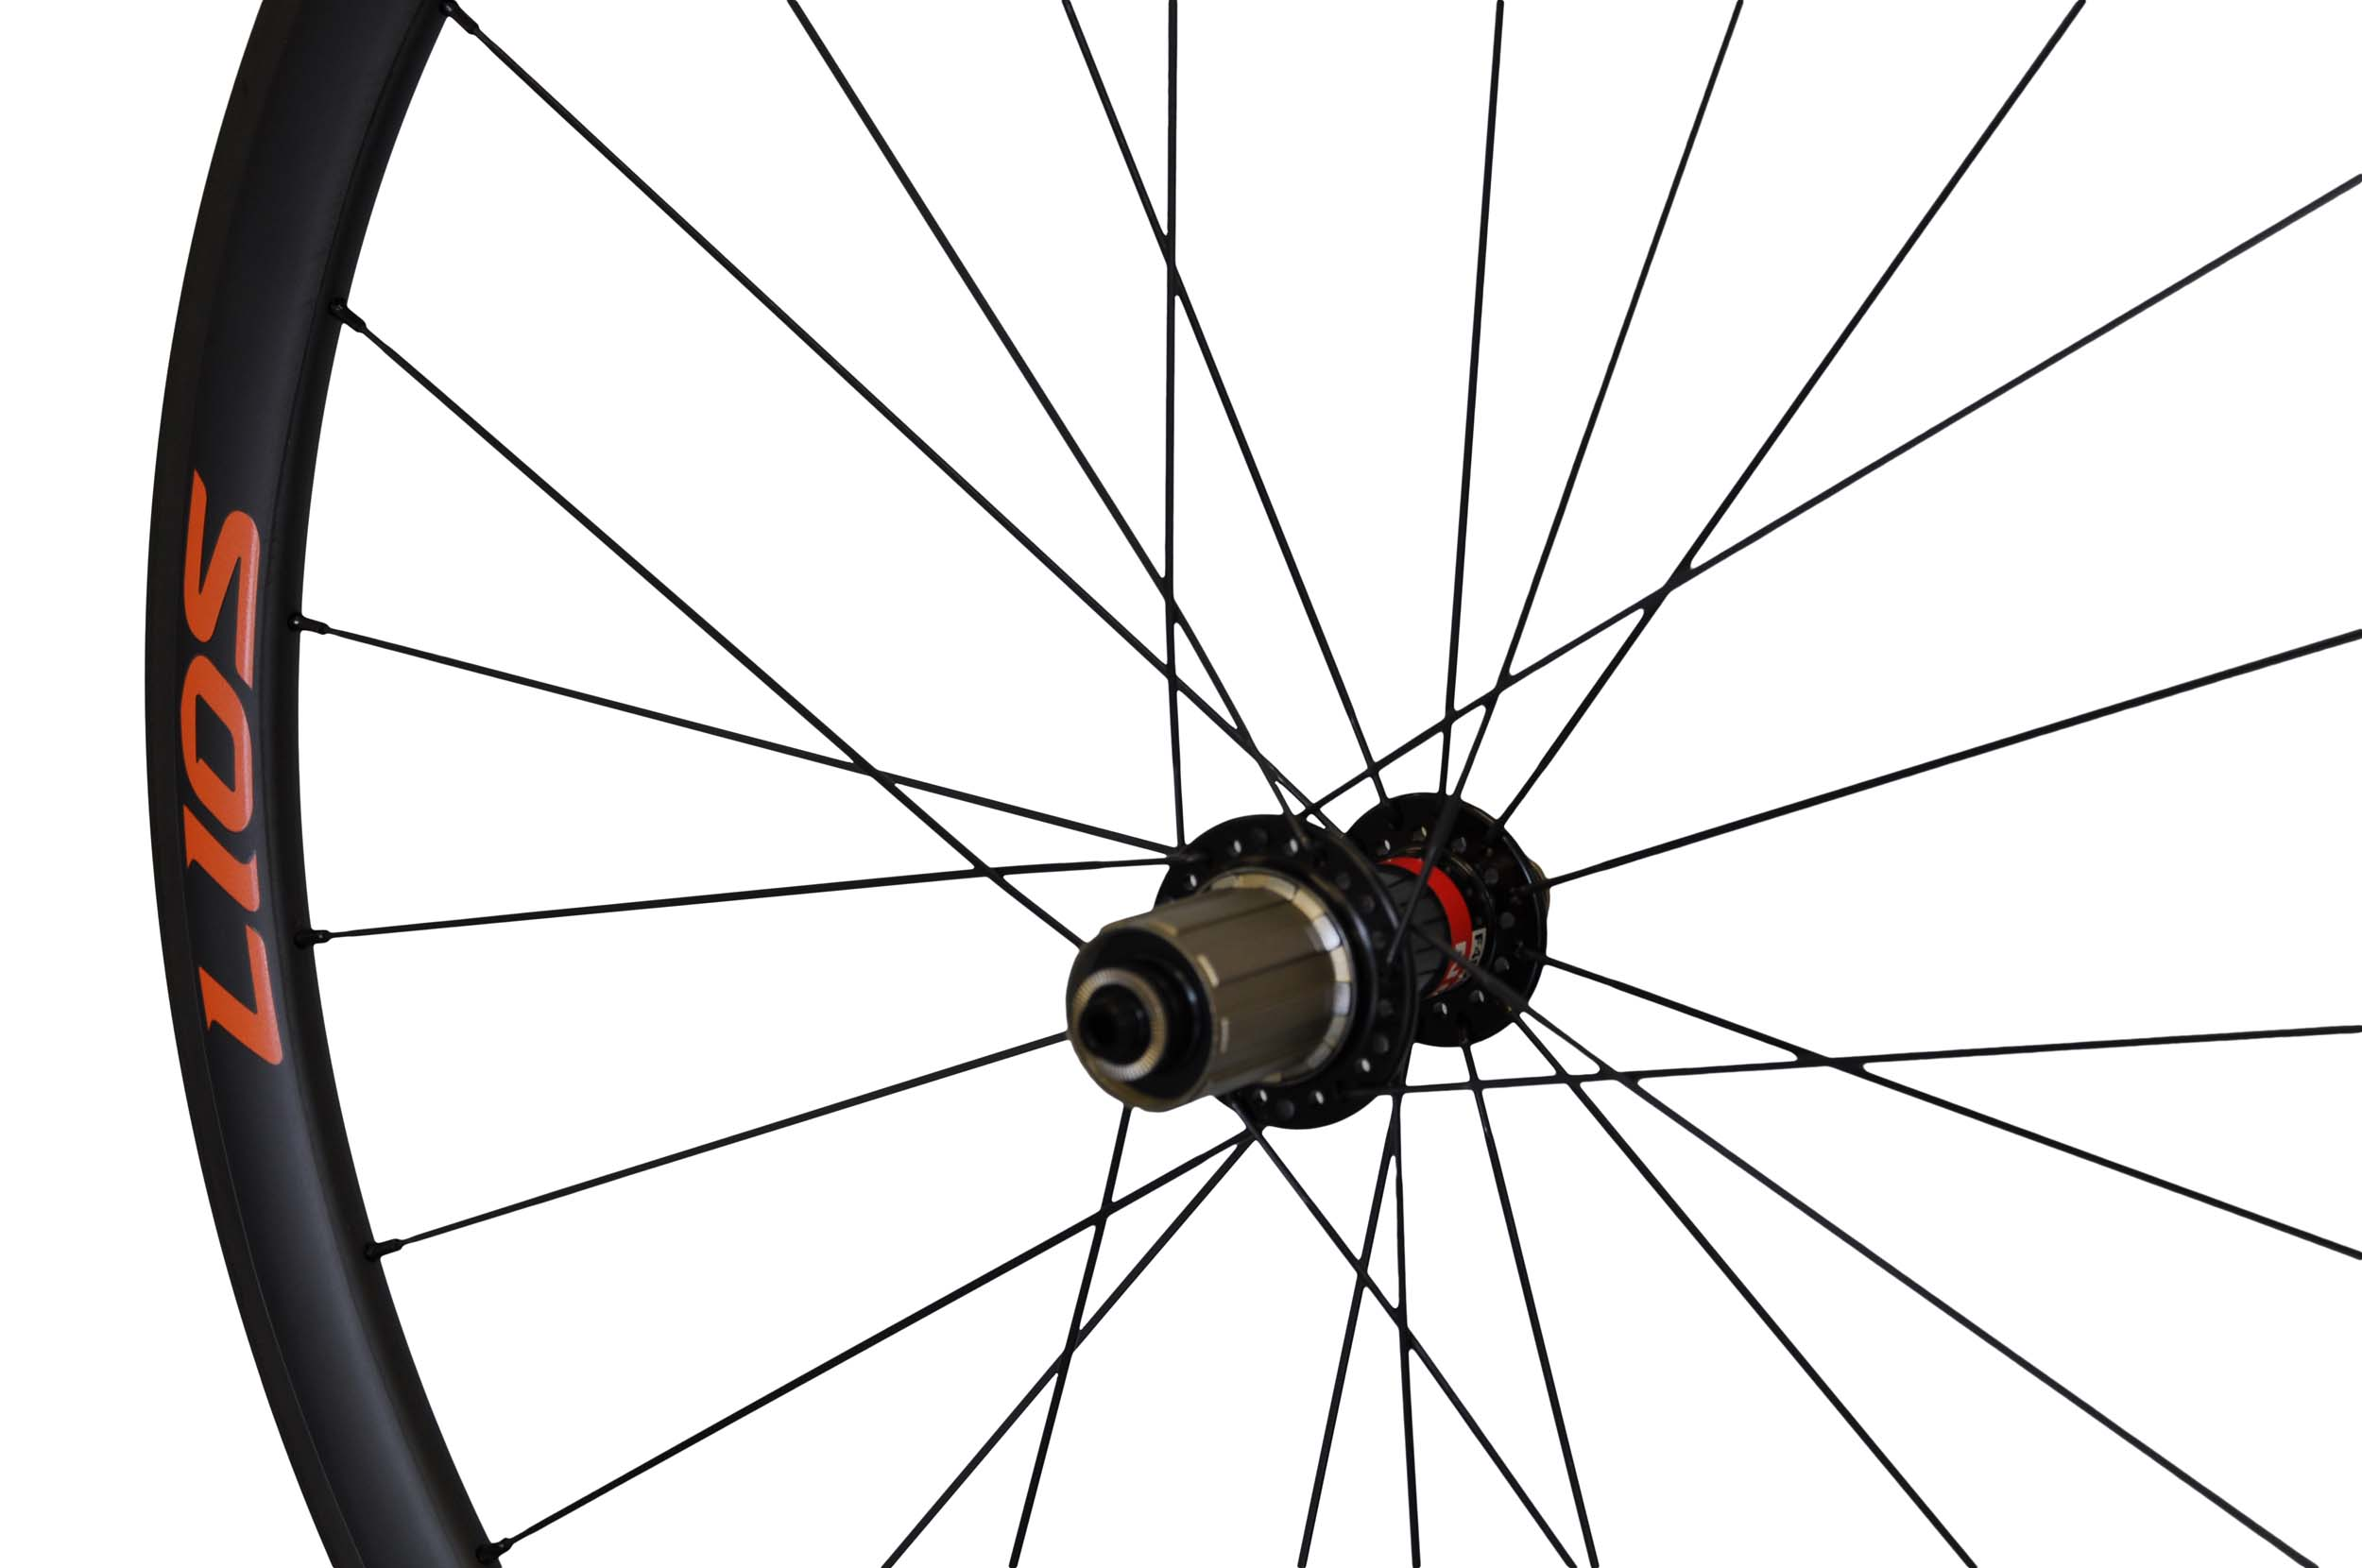 lios-wheel-c36-orange-logo-image5.jpg